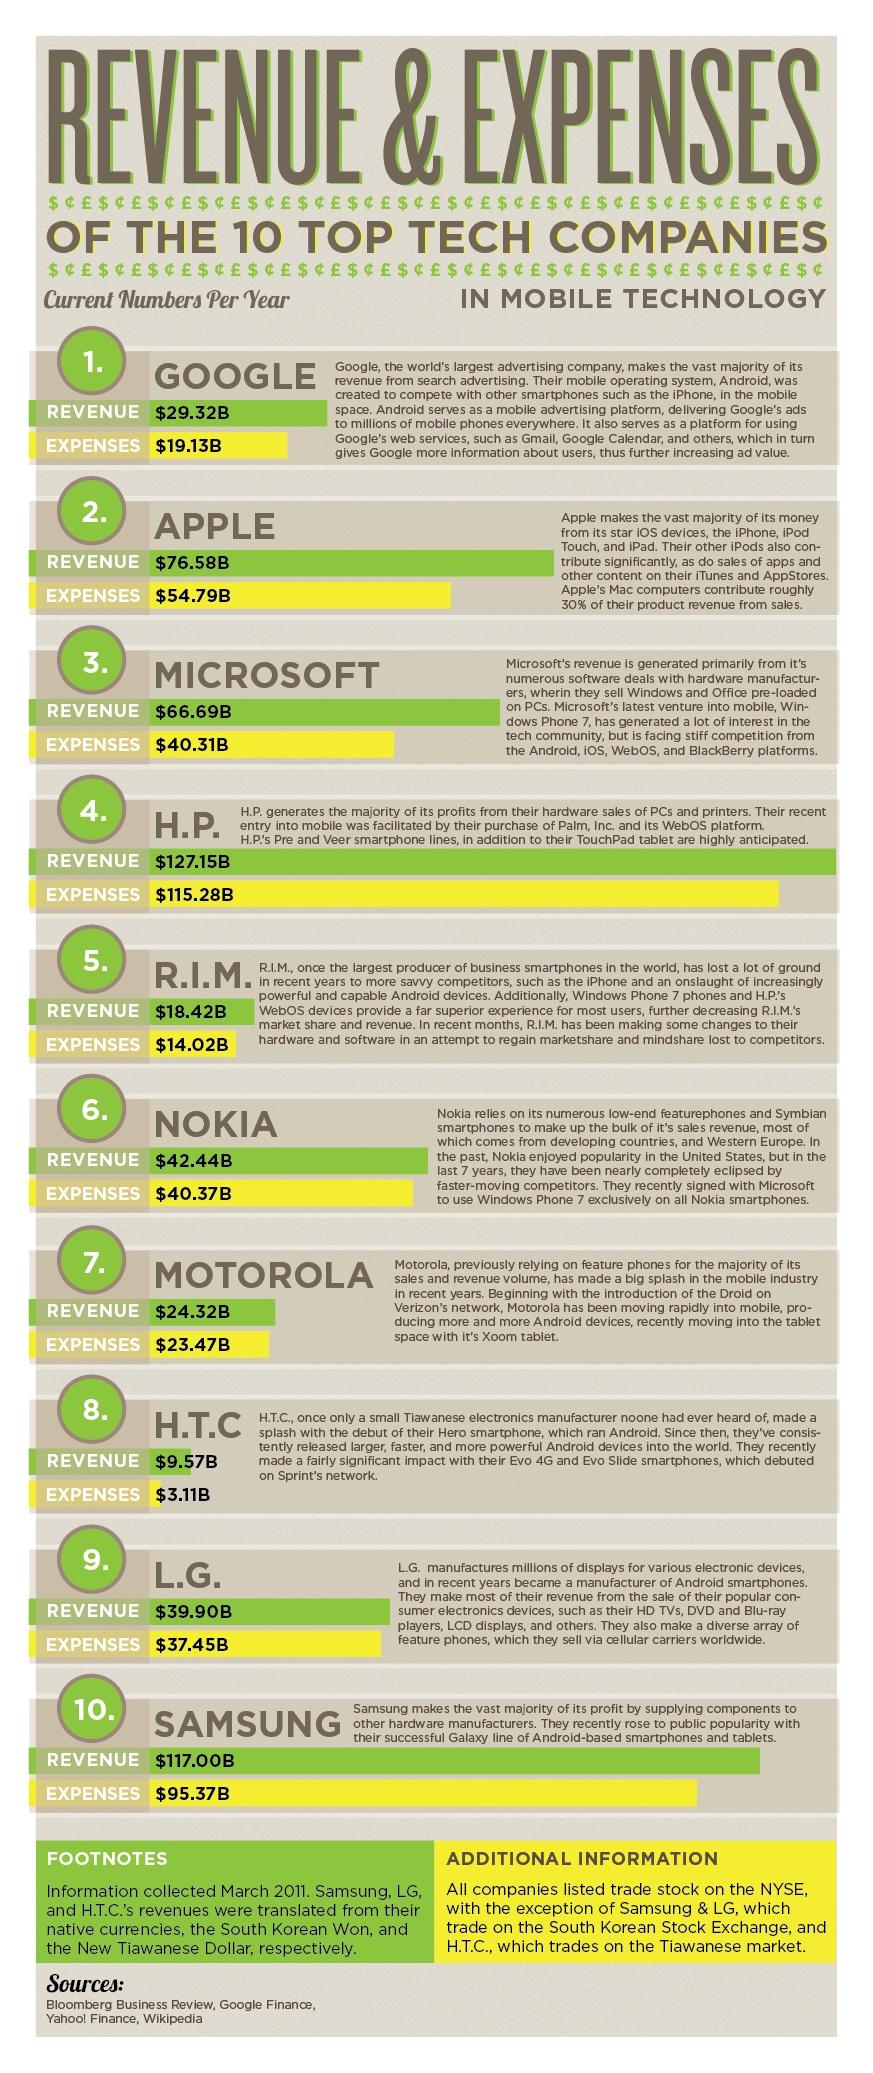 Revenus et dépenses des 10 plus grosses entreprises tech